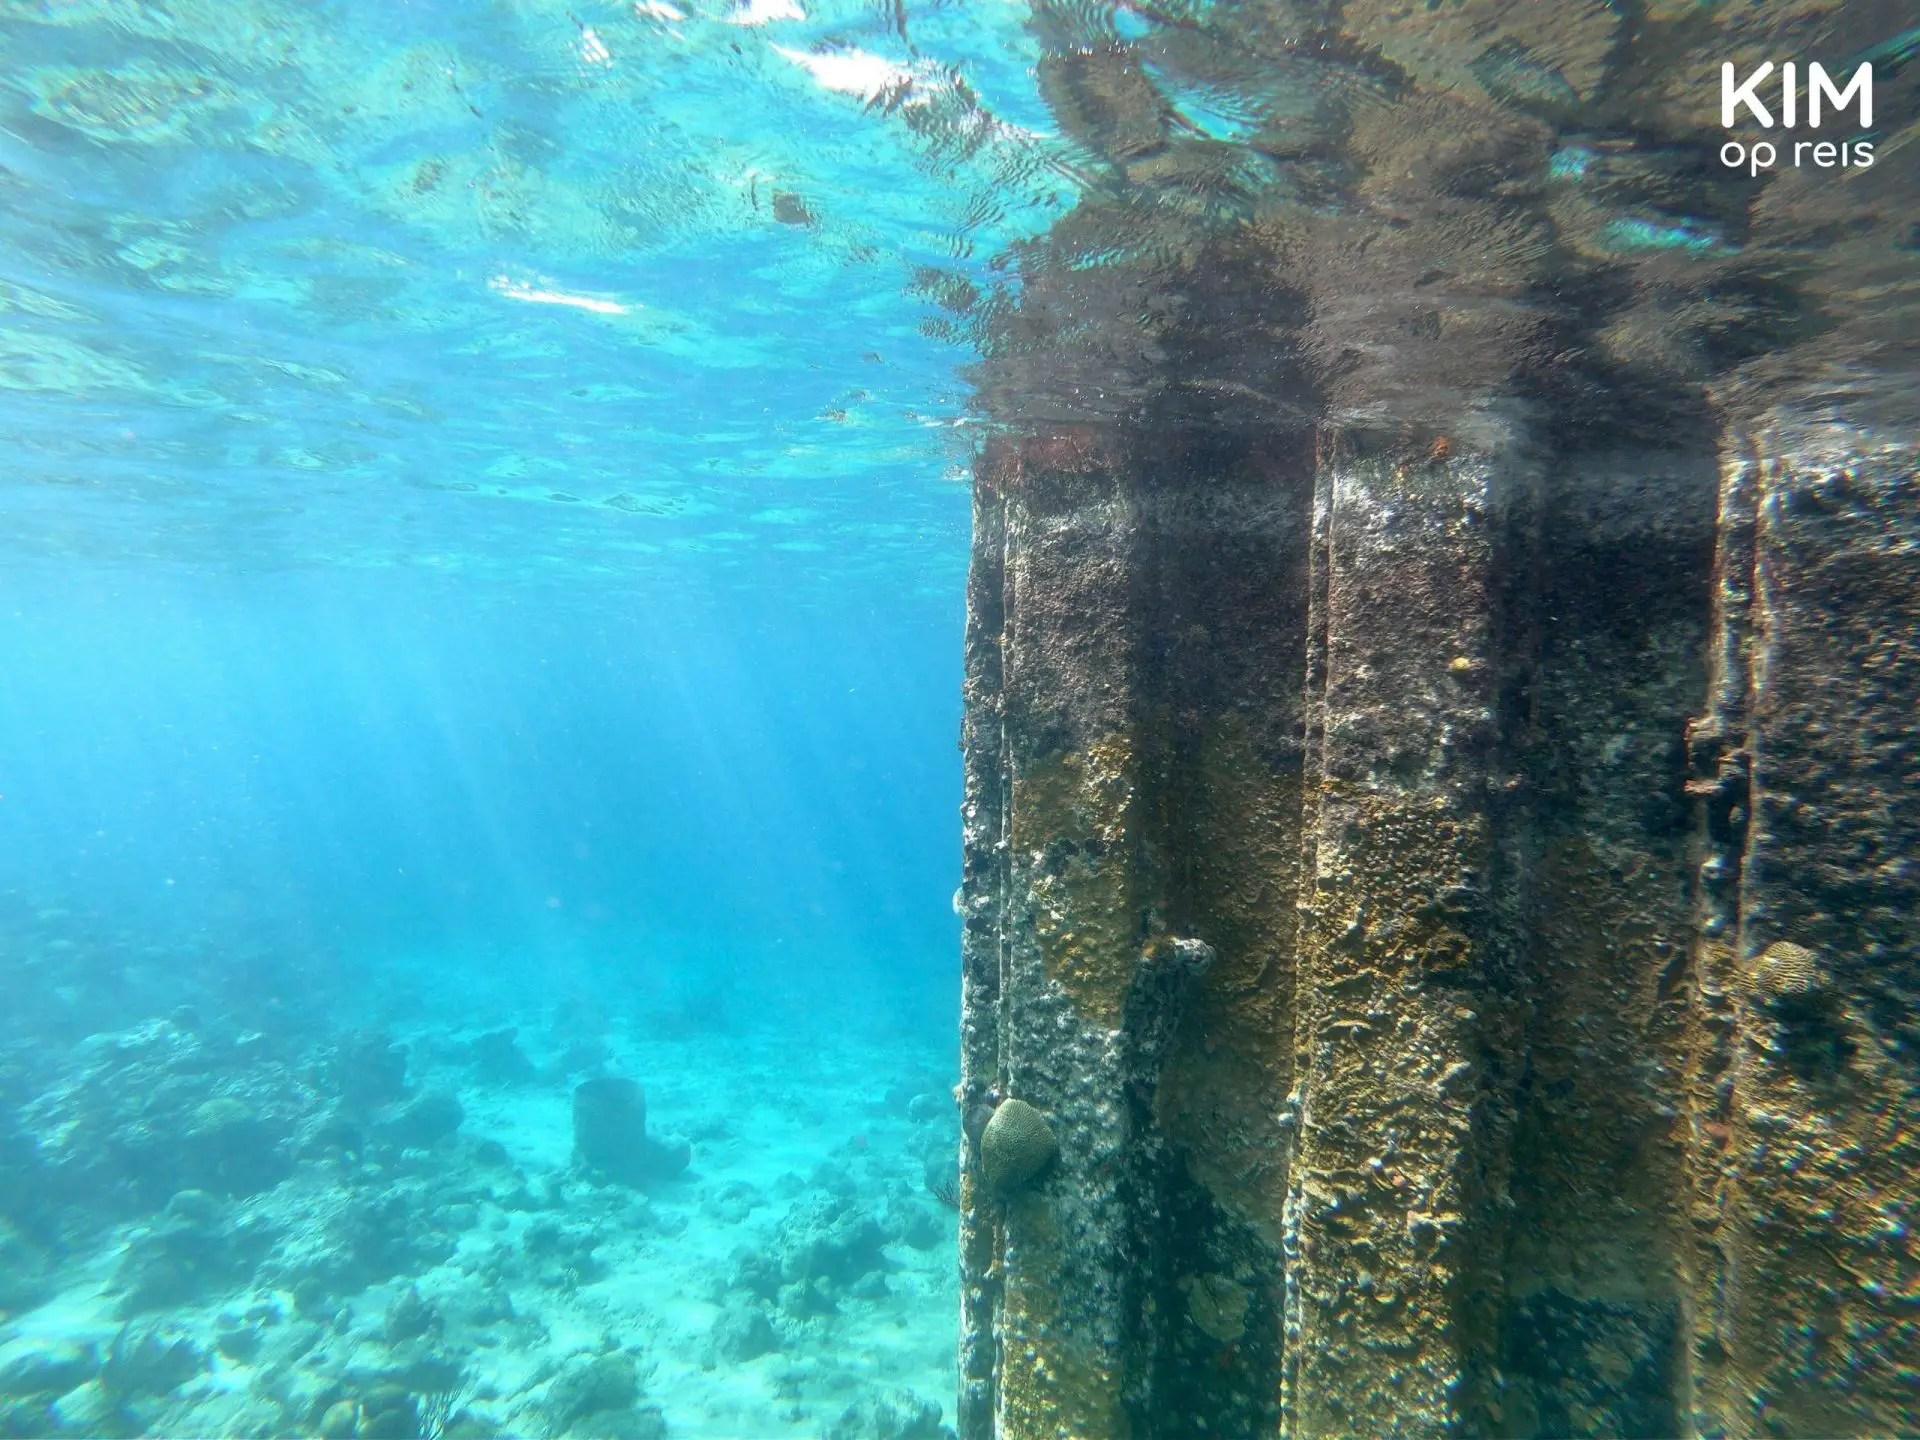 Onderwater Curaçao Tugboat Beach: metalen paal in het water, aangetast door de zee